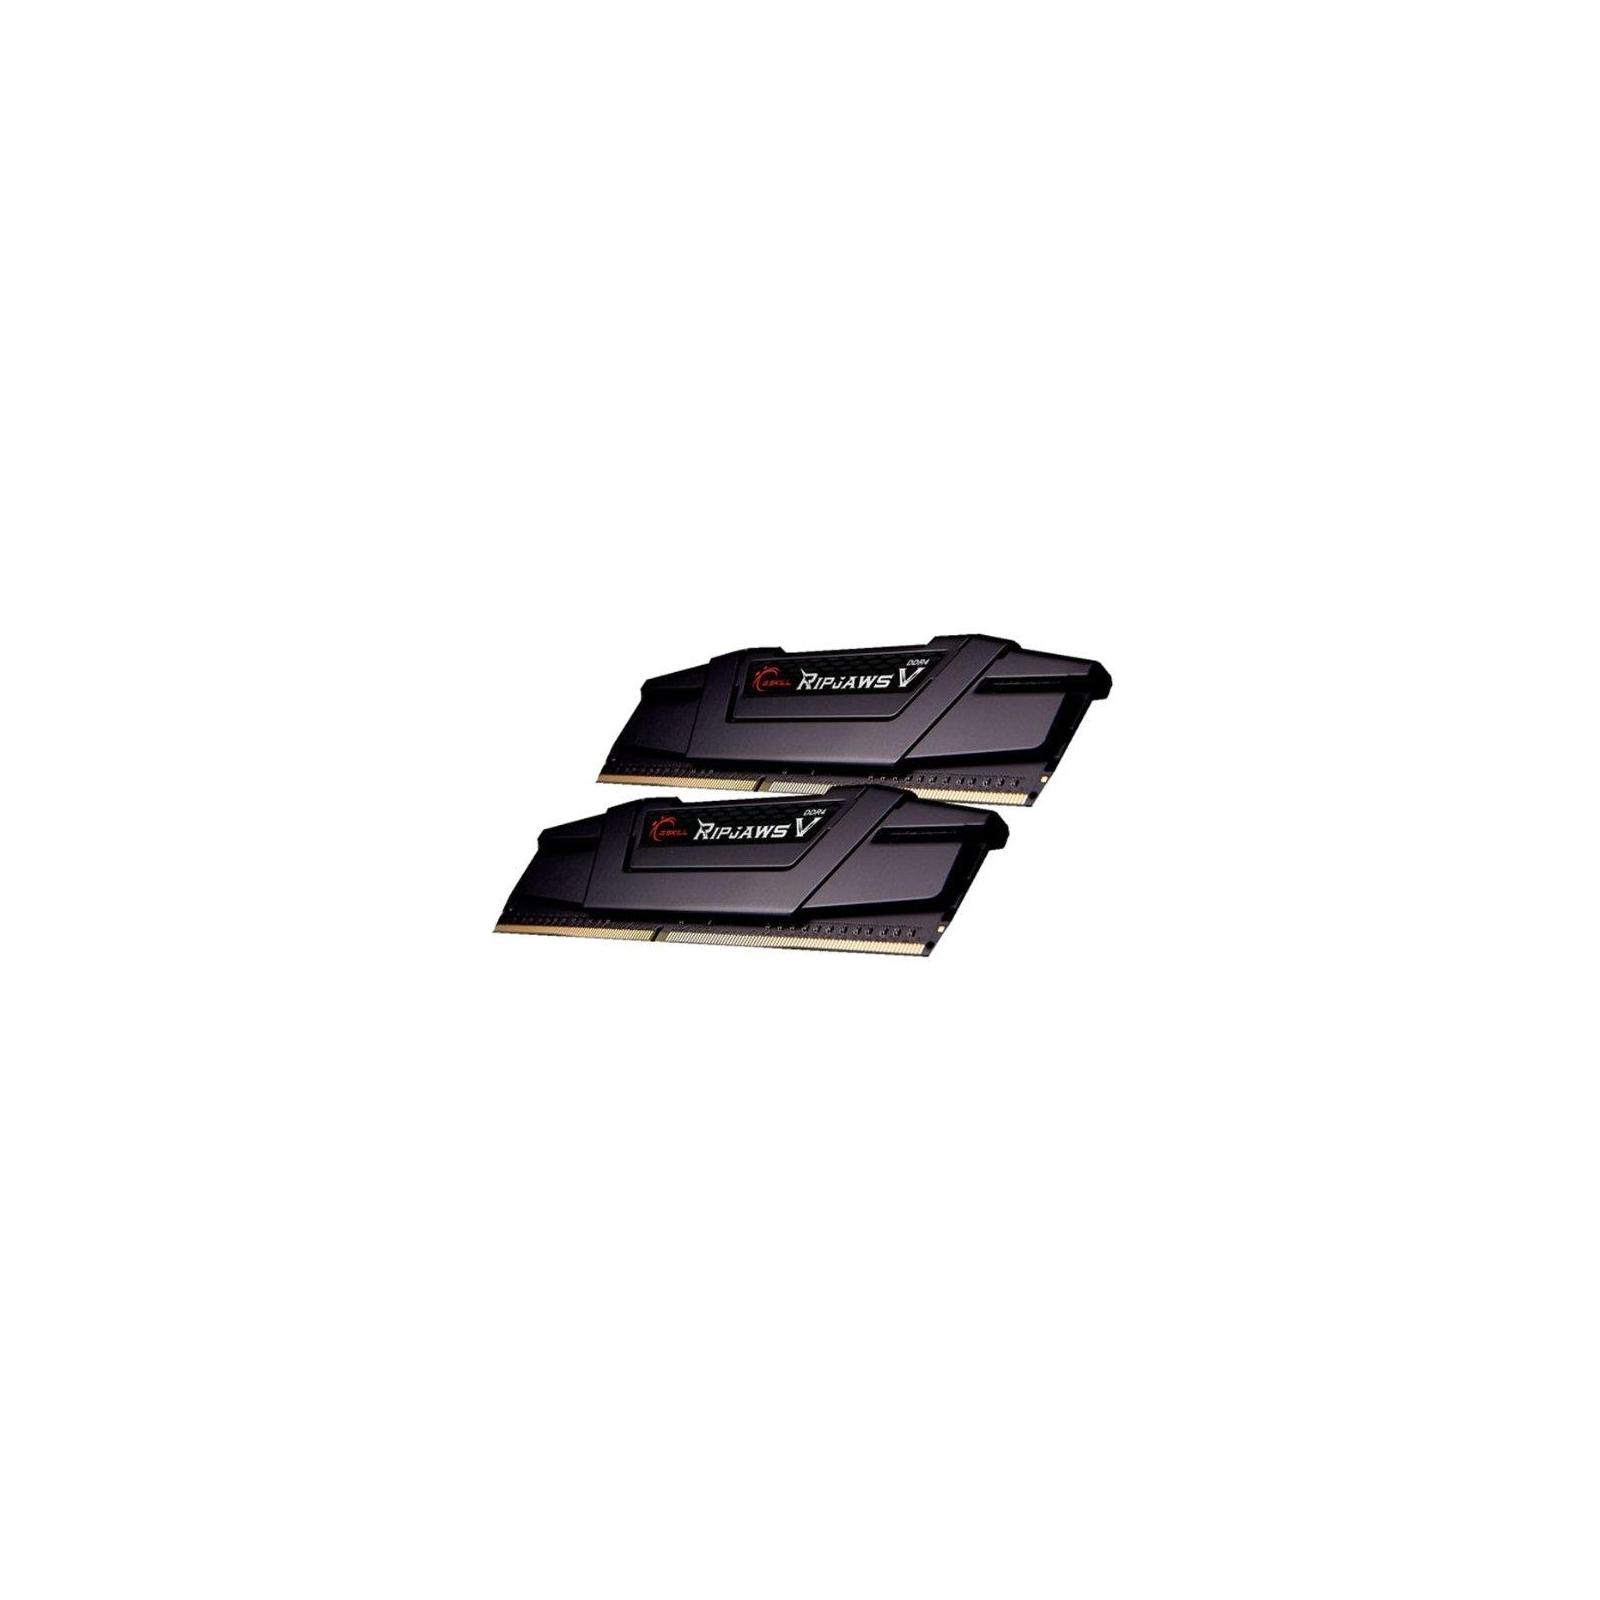 Модуль памяти для компьютера DDR4 16GB (2x8GB) 3200 MHz RipjawsV G.Skill (F4-3200C14D-16GVK) изображение 2